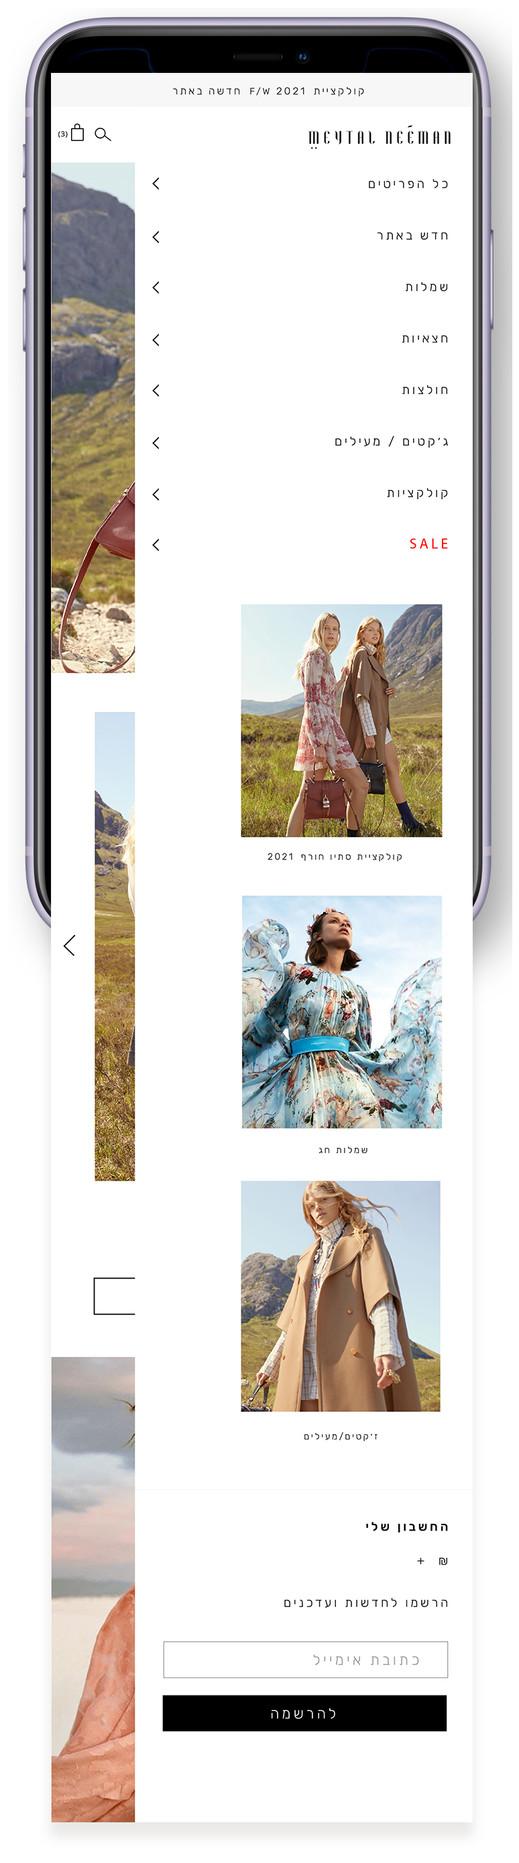 mobile-mn-menu.jpg